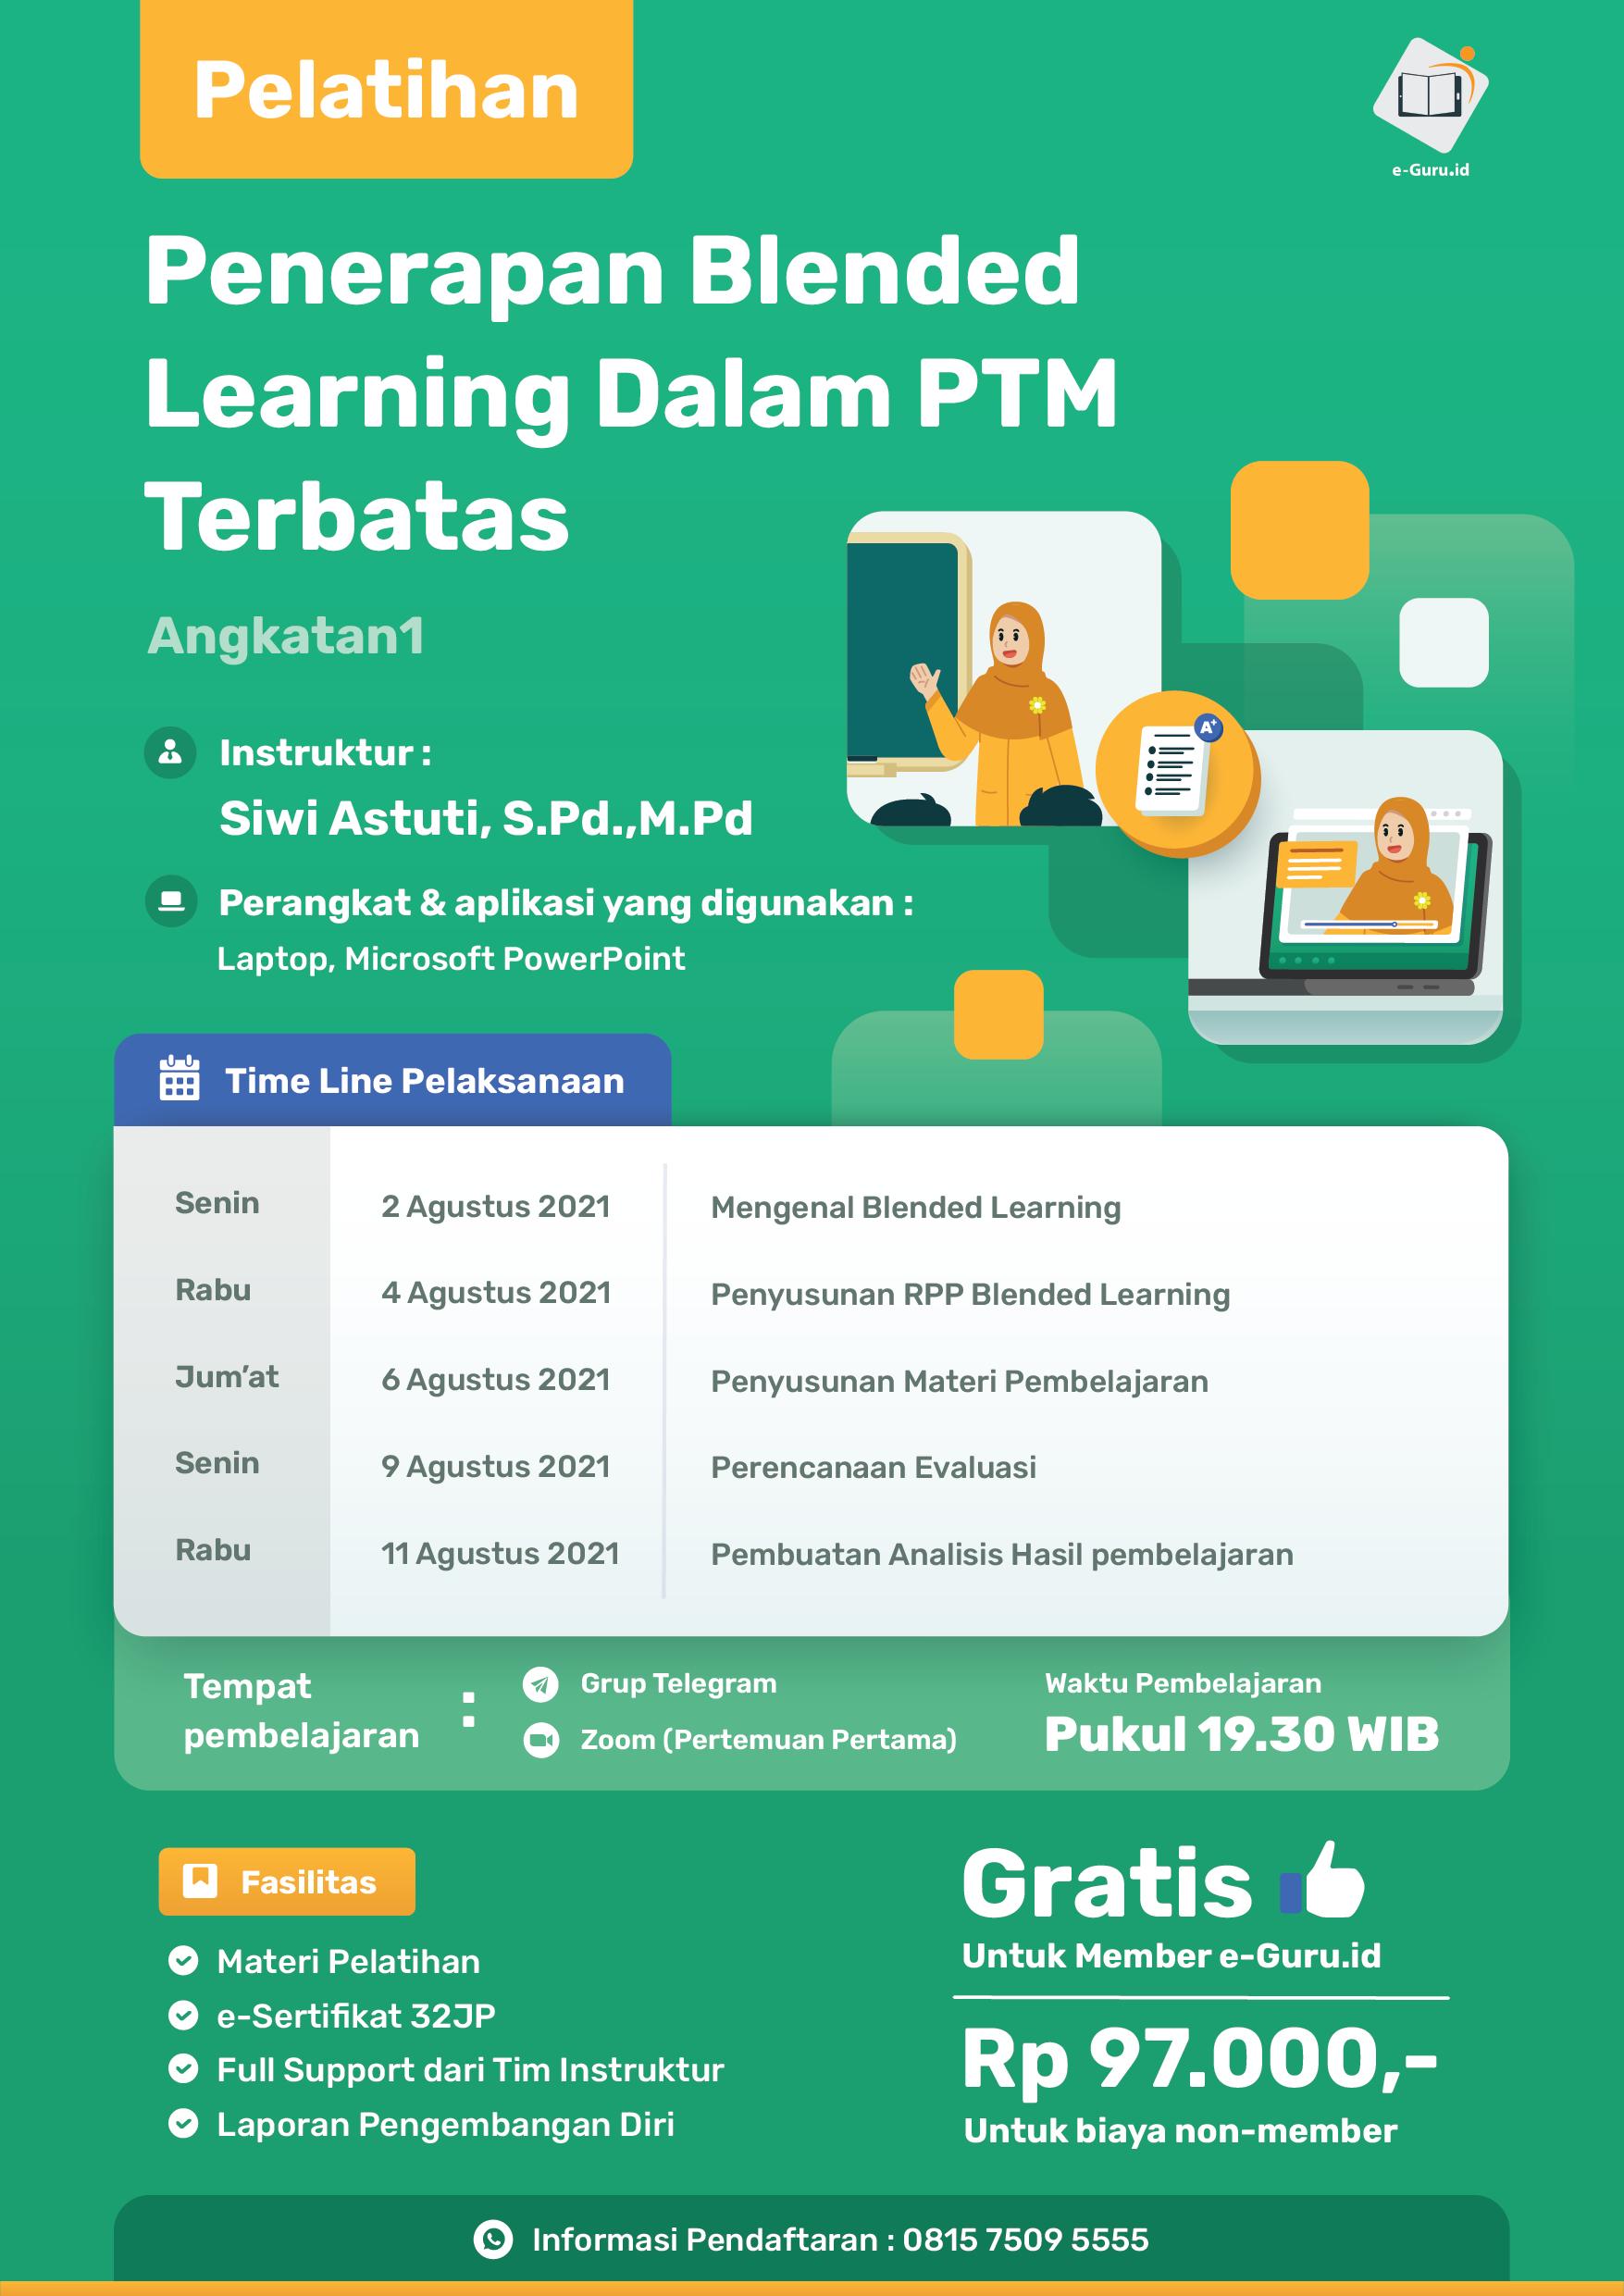 02. Penerapan Blended Learning Dalam PTM Terbatas-02